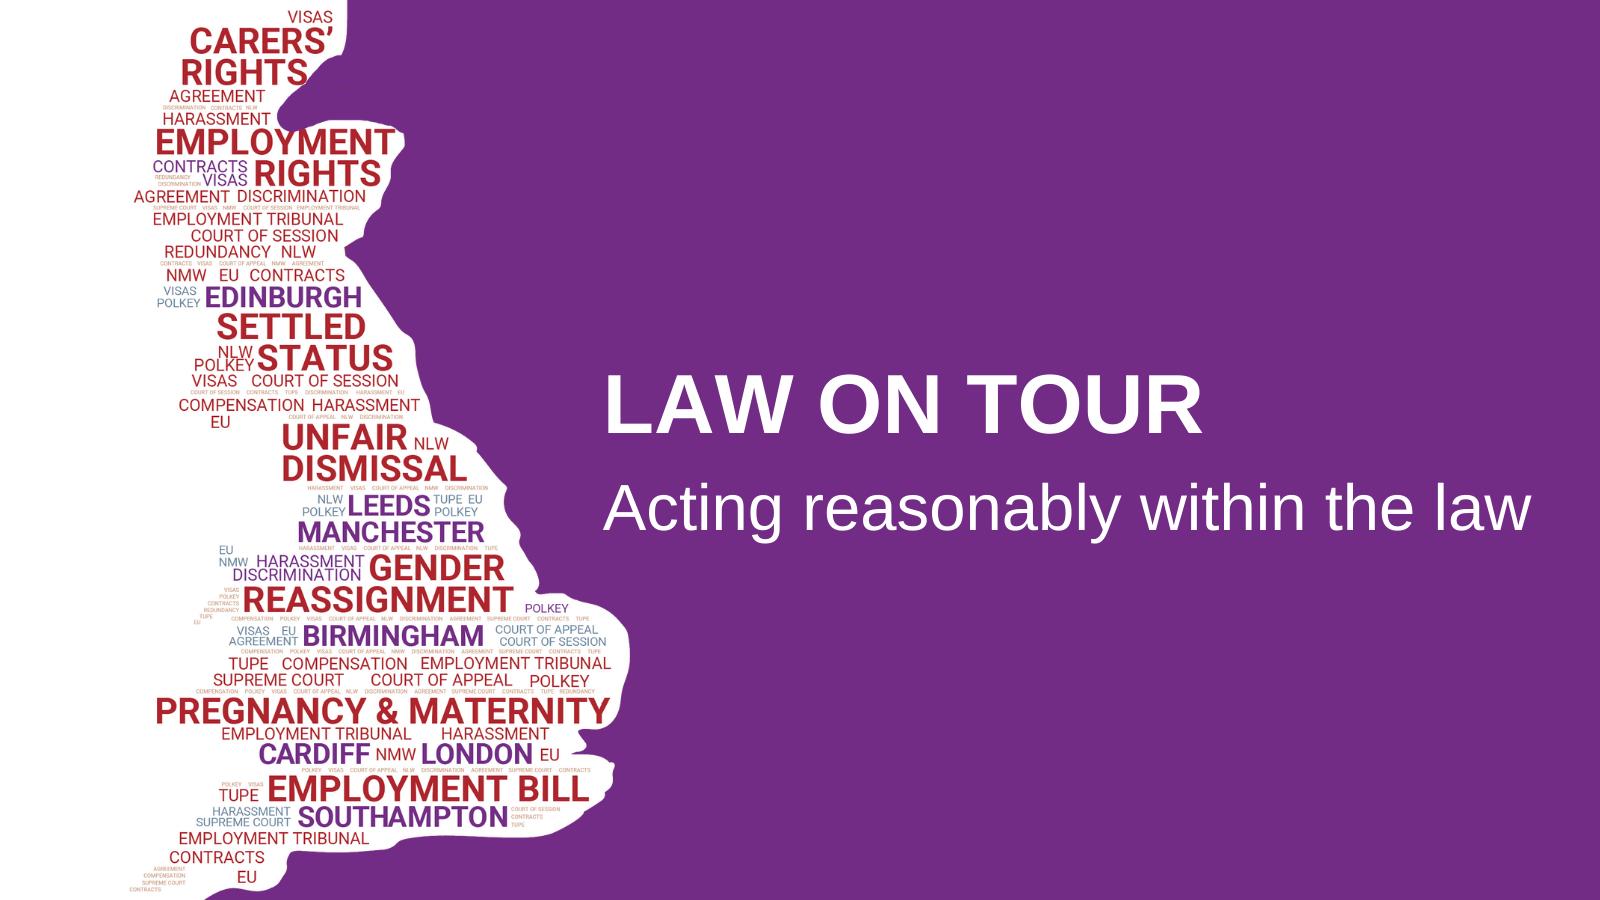 KLC's Law On Tour